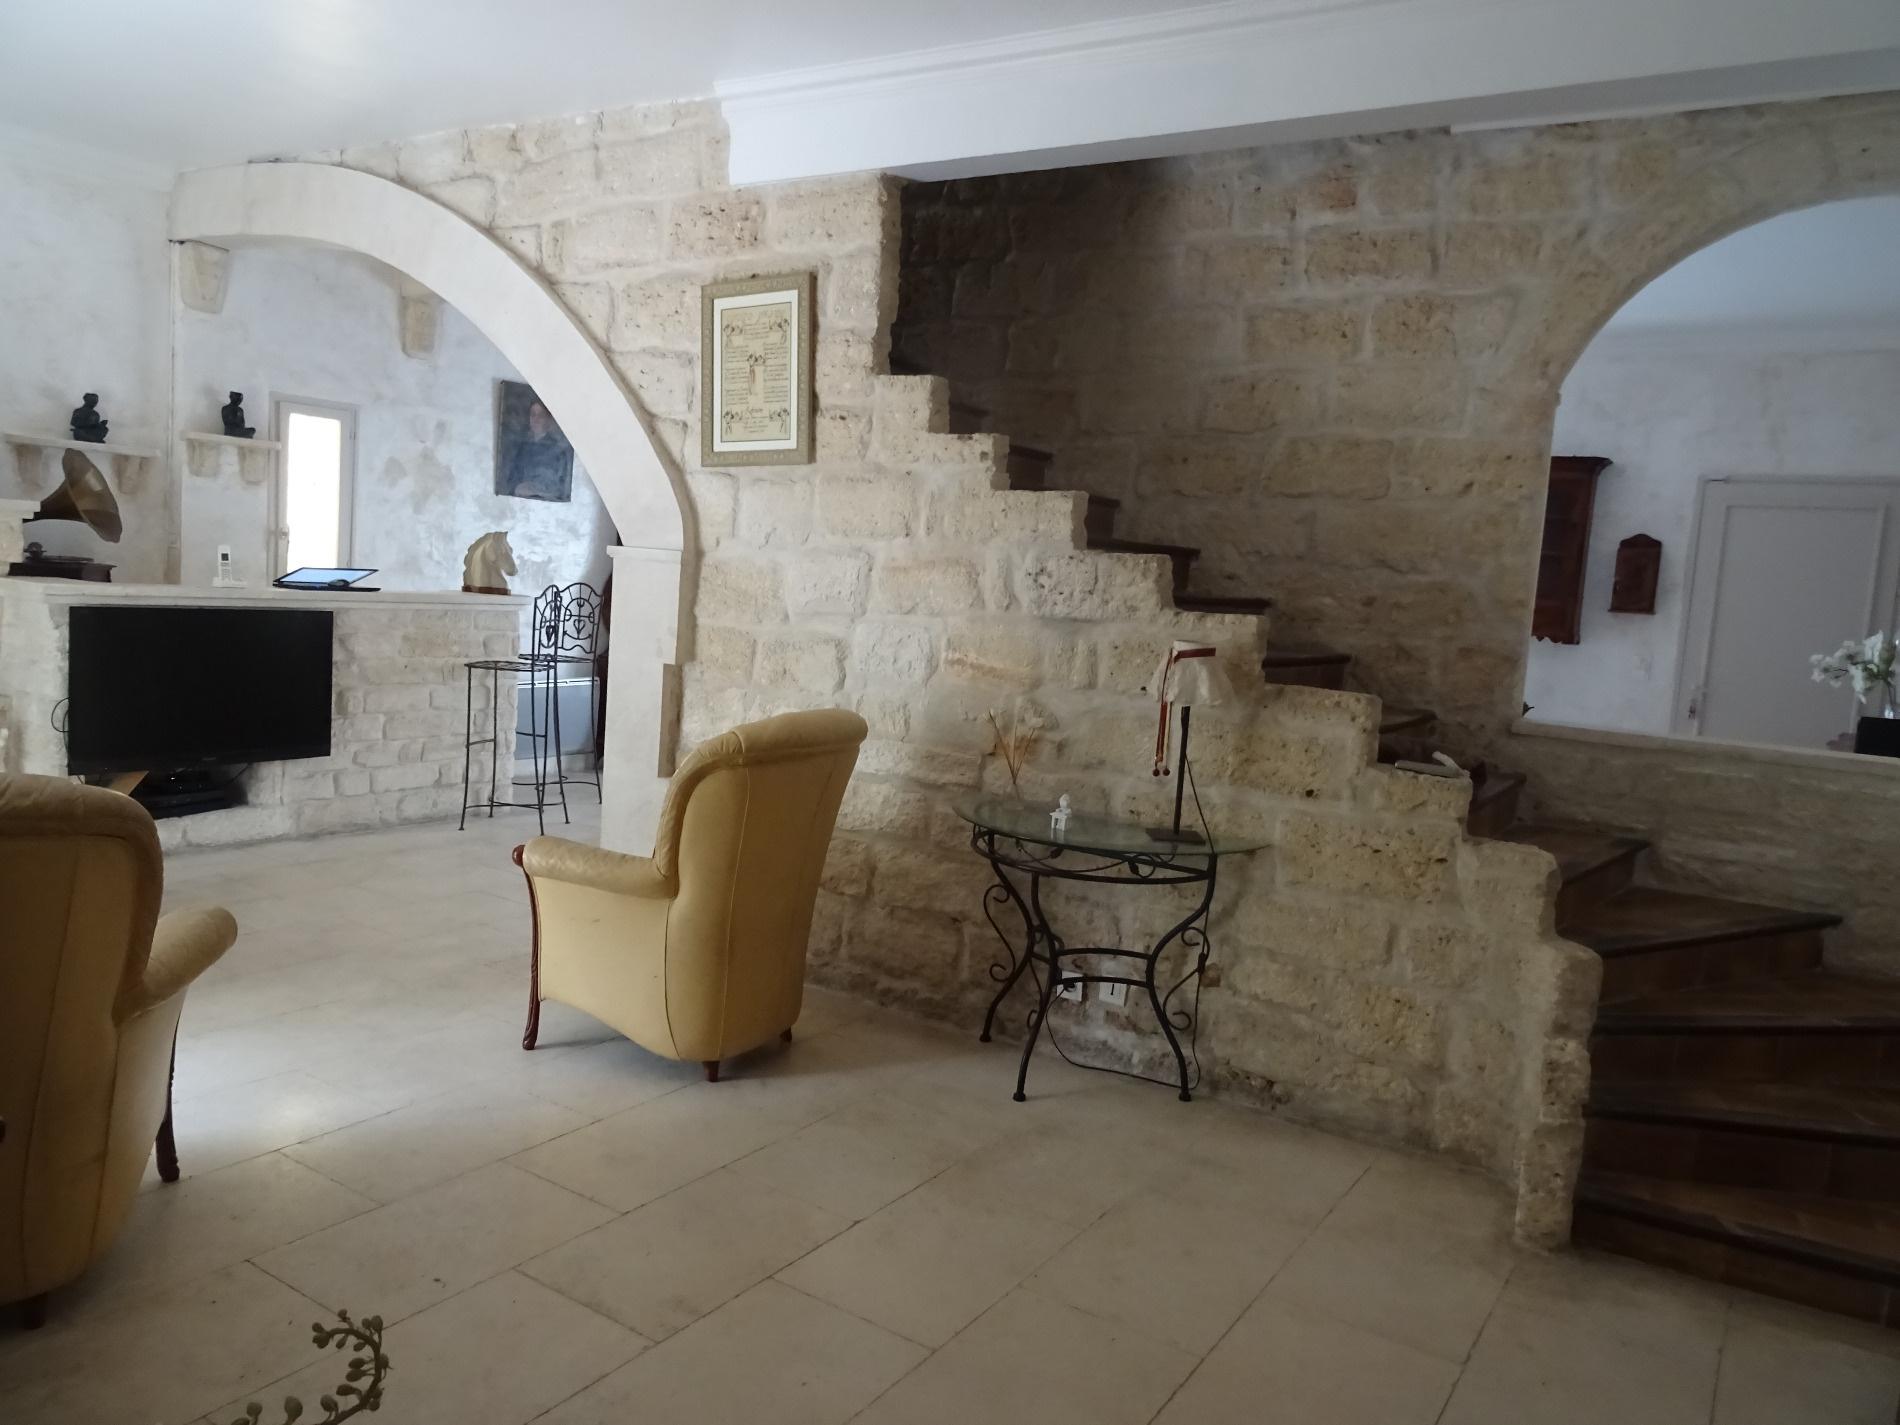 vente a Aigues Mortes et environs appartements maisons et villas